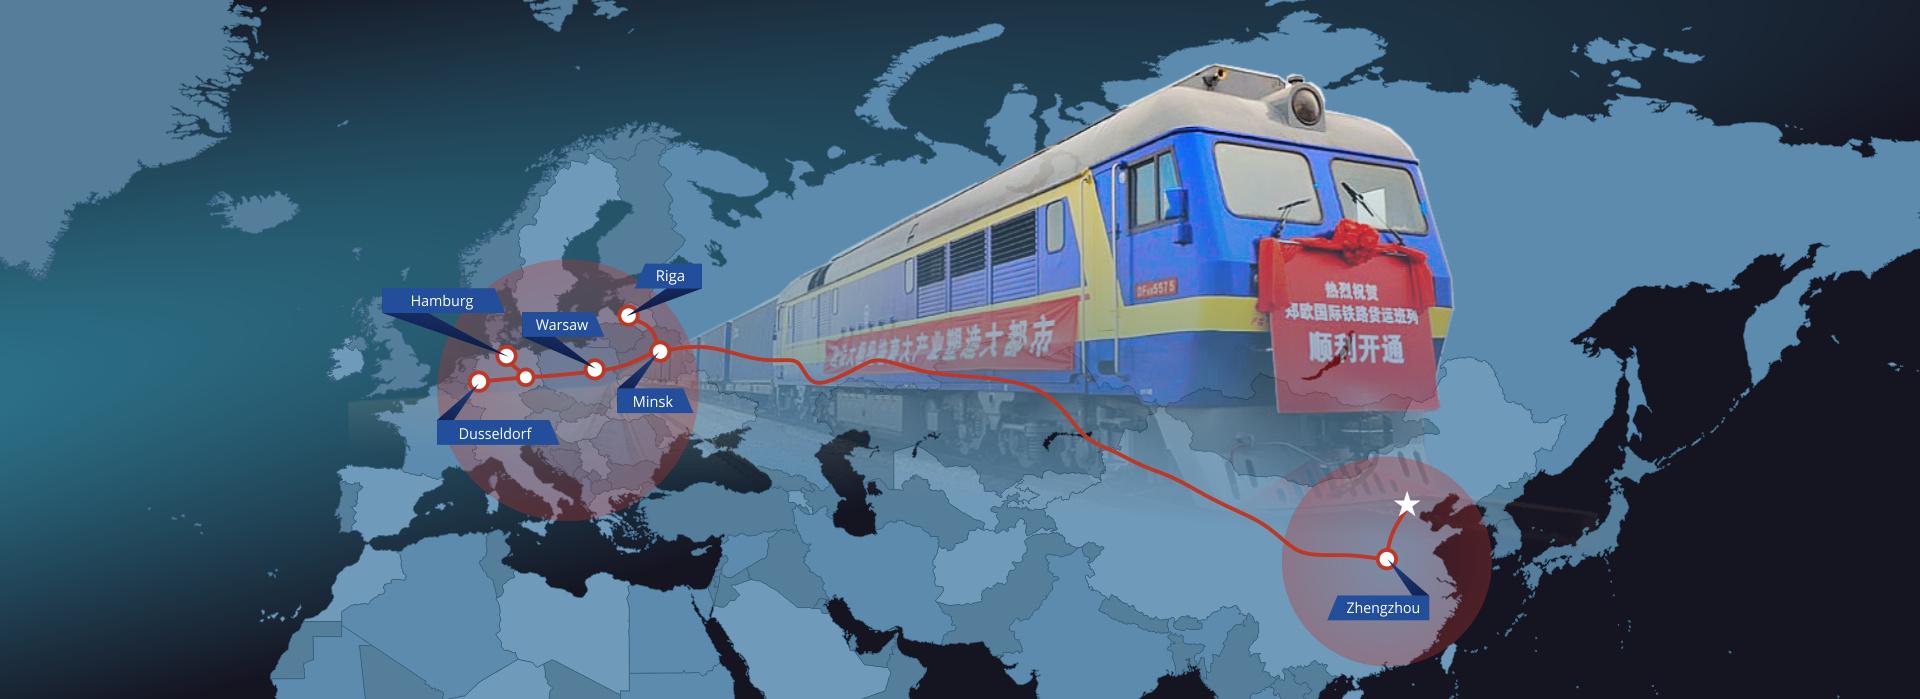 Утренний Кофе вместе с «SONORА» 4 октября: Наиболее быстрая доставка контейнерных грузов из Китая – Железная дорога